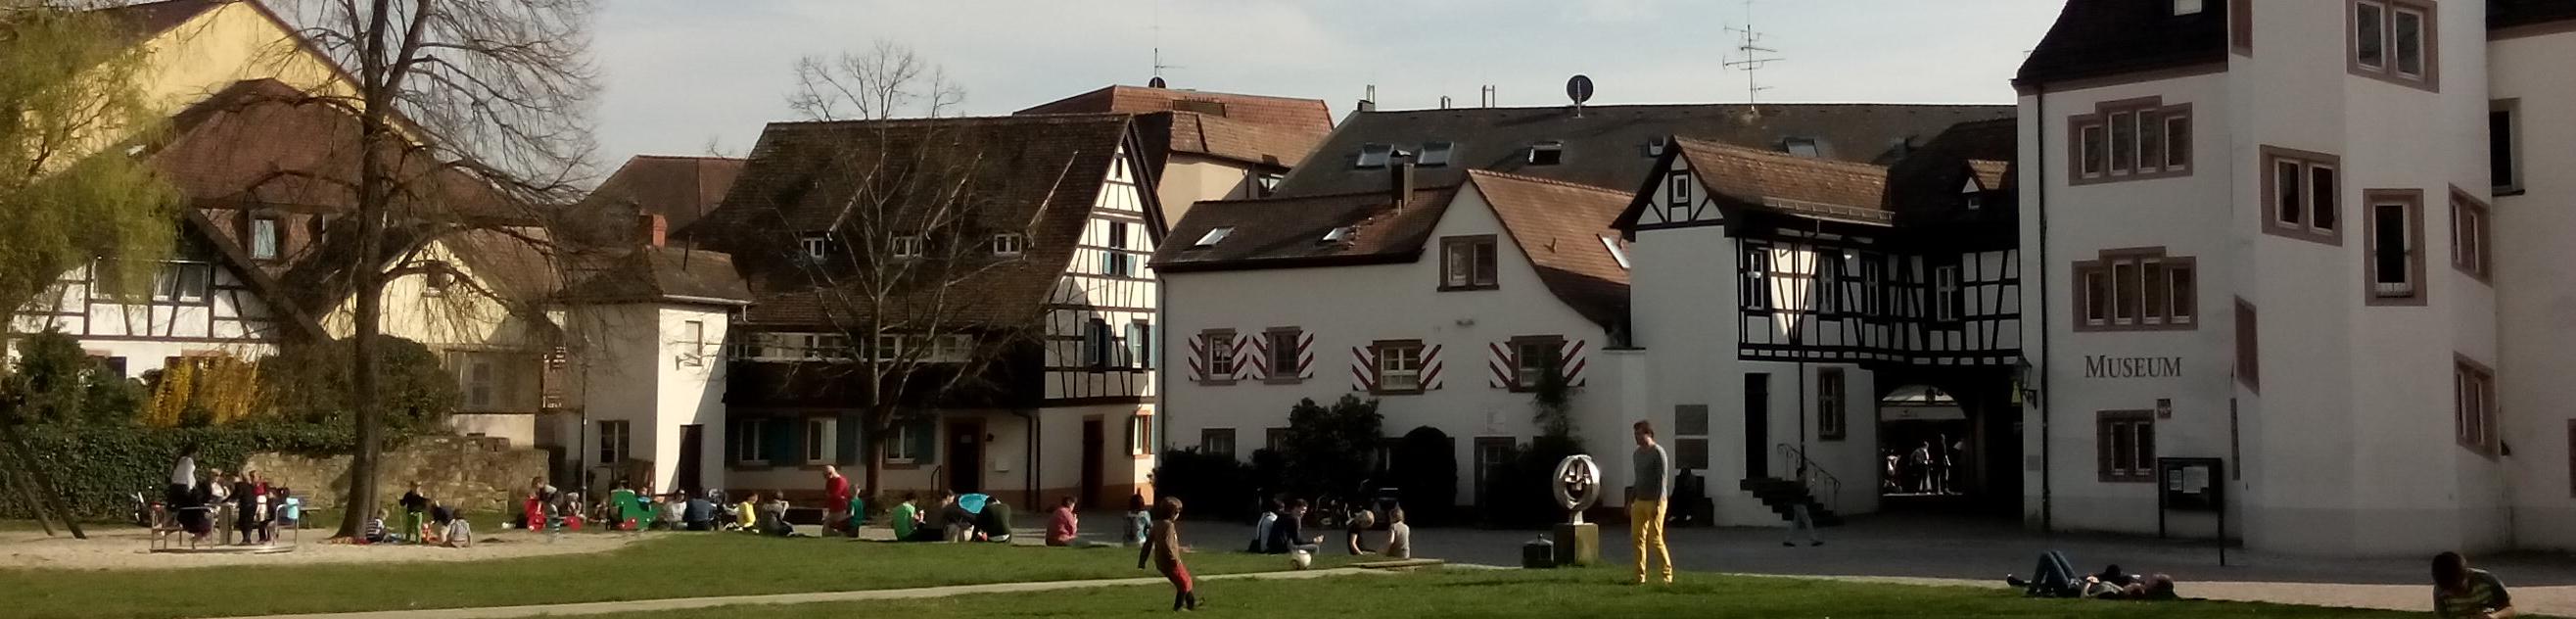 Emmendingen-Simon-Veit-Haus